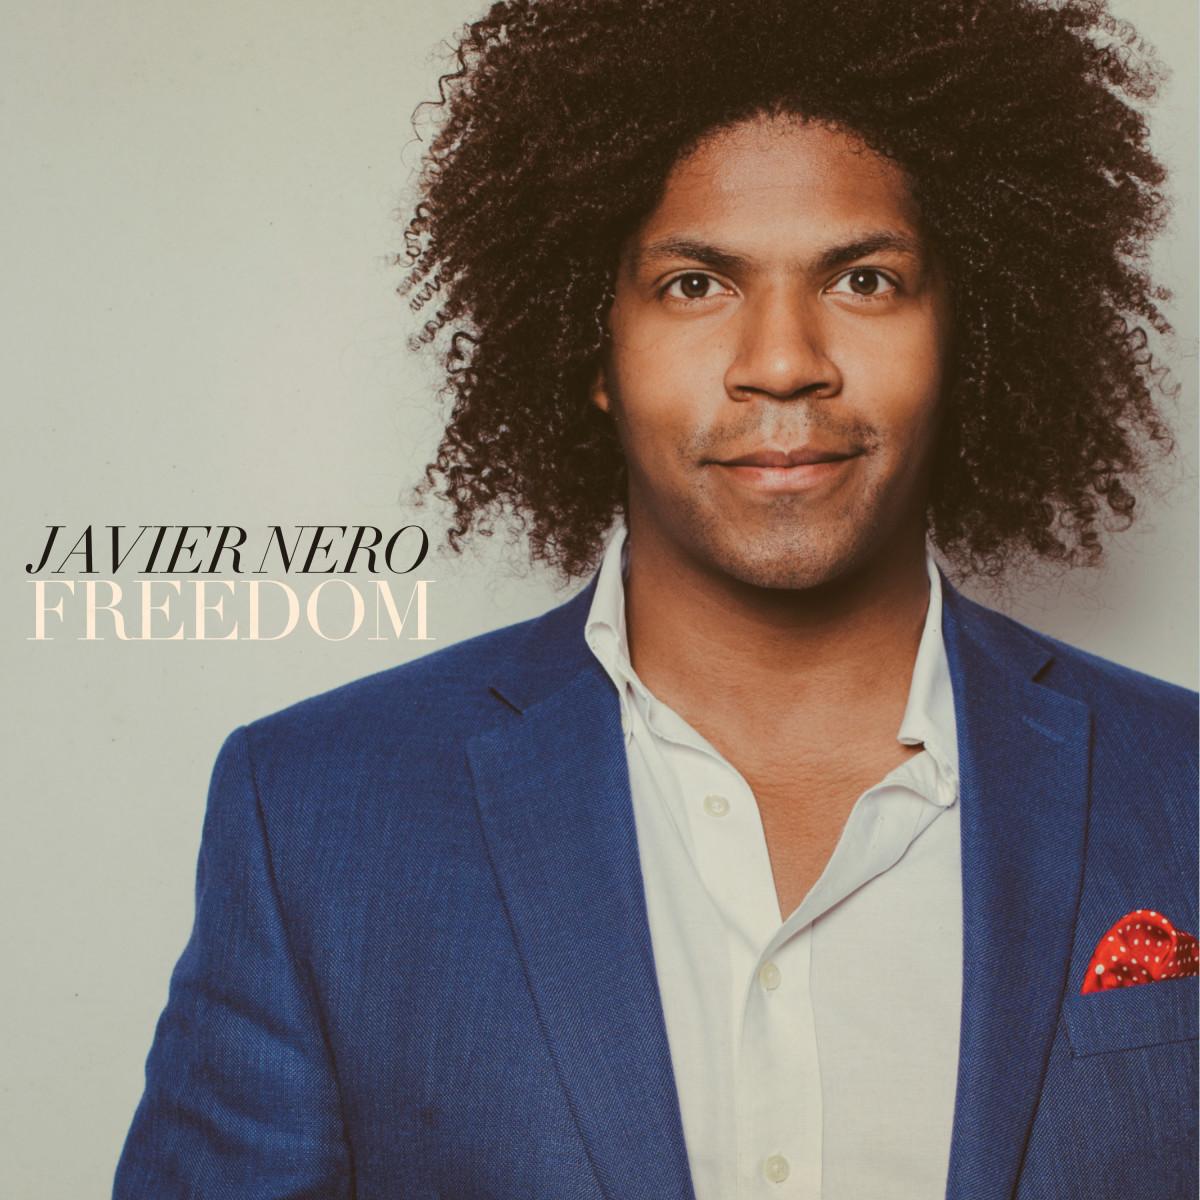 Javier Nero